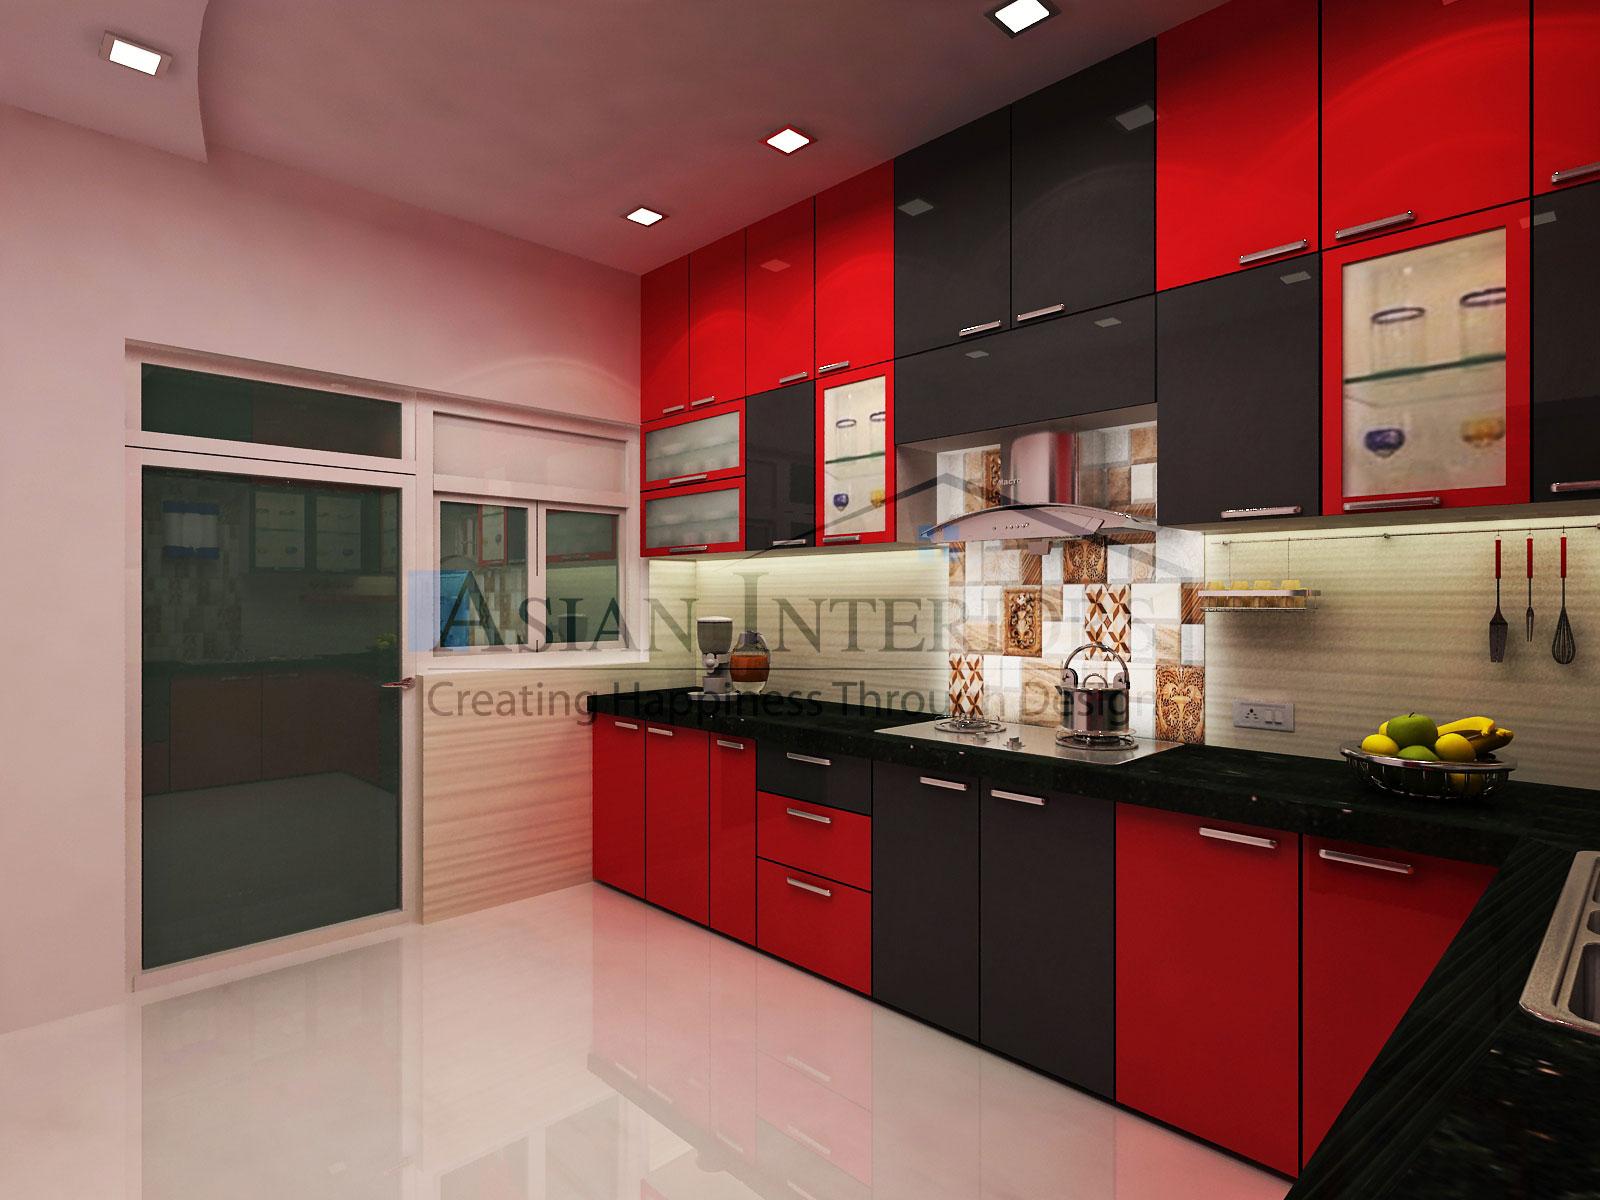 Asian-Interiors-Kitchen6